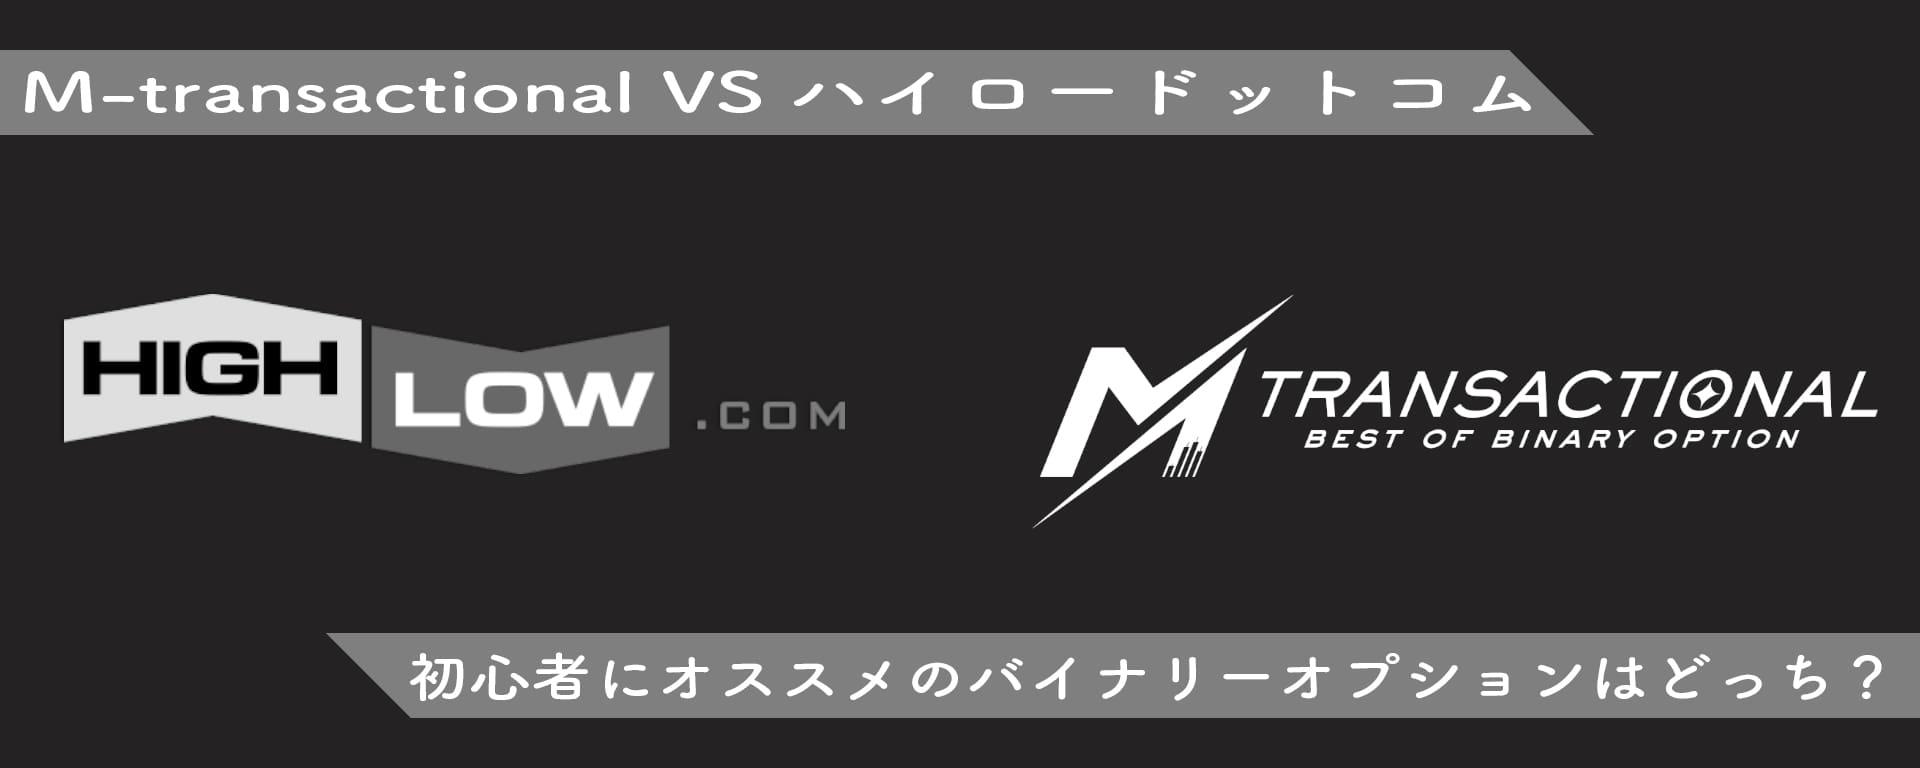 M-transactional(エムトランザクション)とハイロードットコムはどちらが初心者向け?